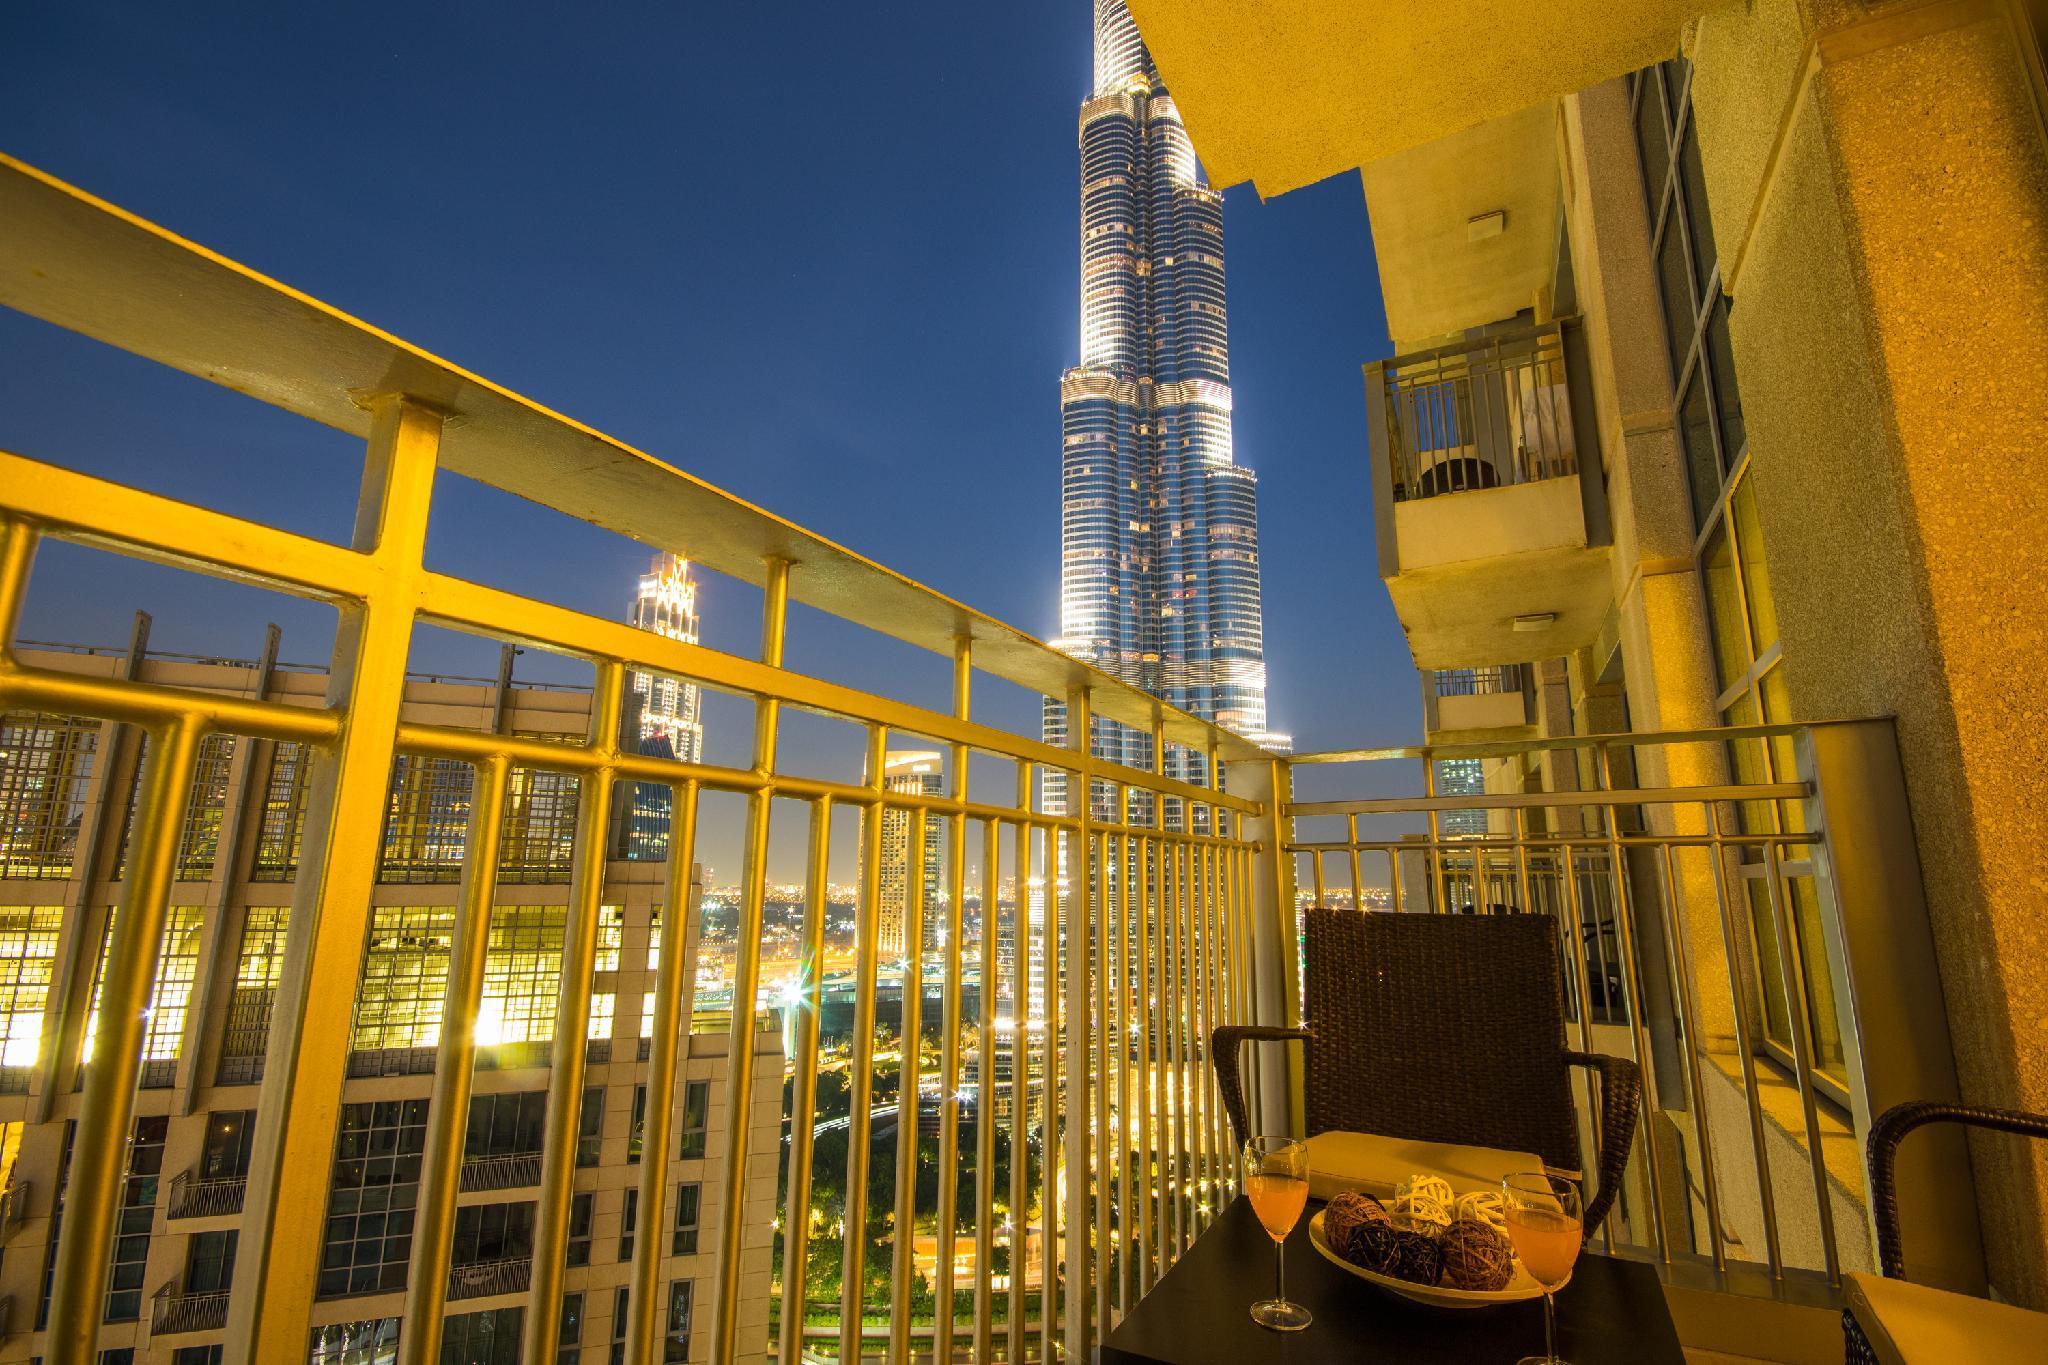 High End Burj Khalifa View Downtown Apartment Dubai United Arab Emirates